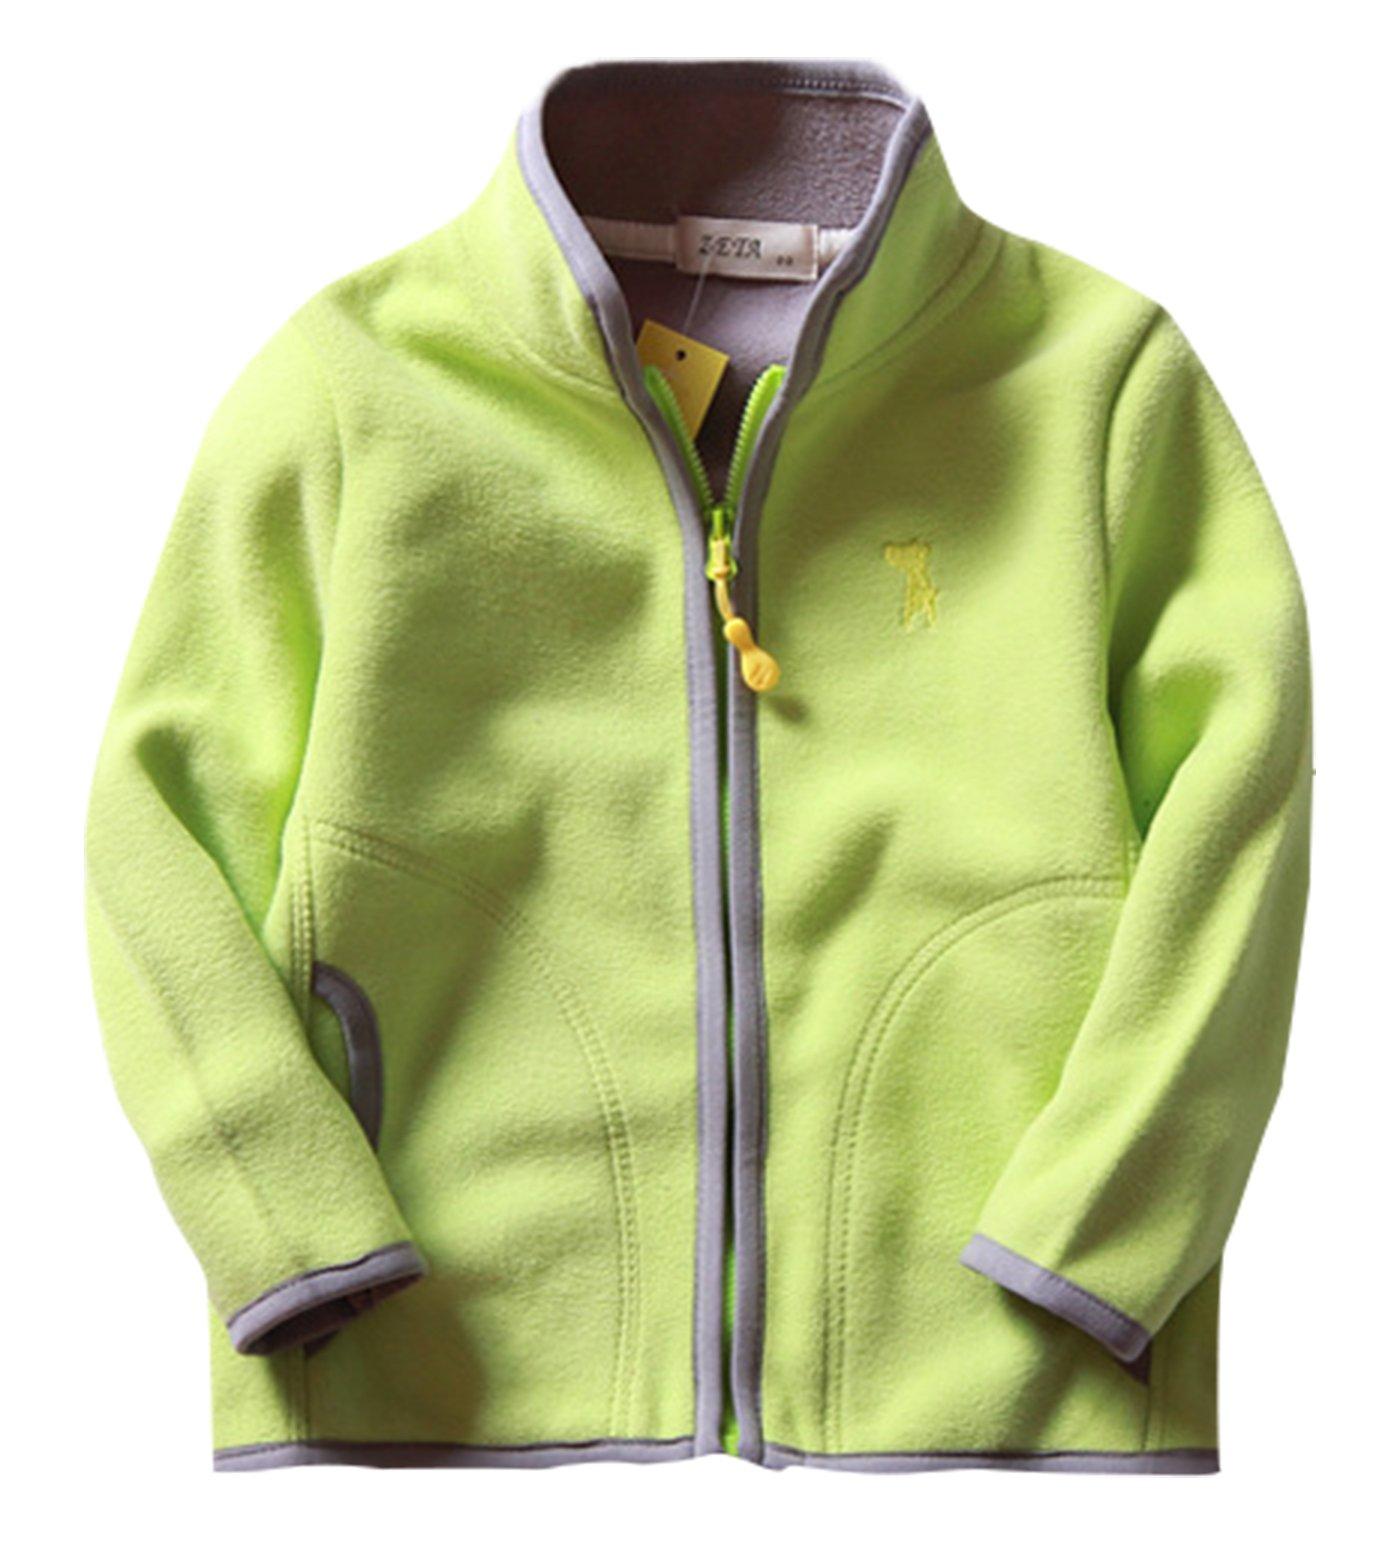 Girls Outwear Thin Fleece Warm Spring Zipper Up European Style Jacket Coat 7-8T Green